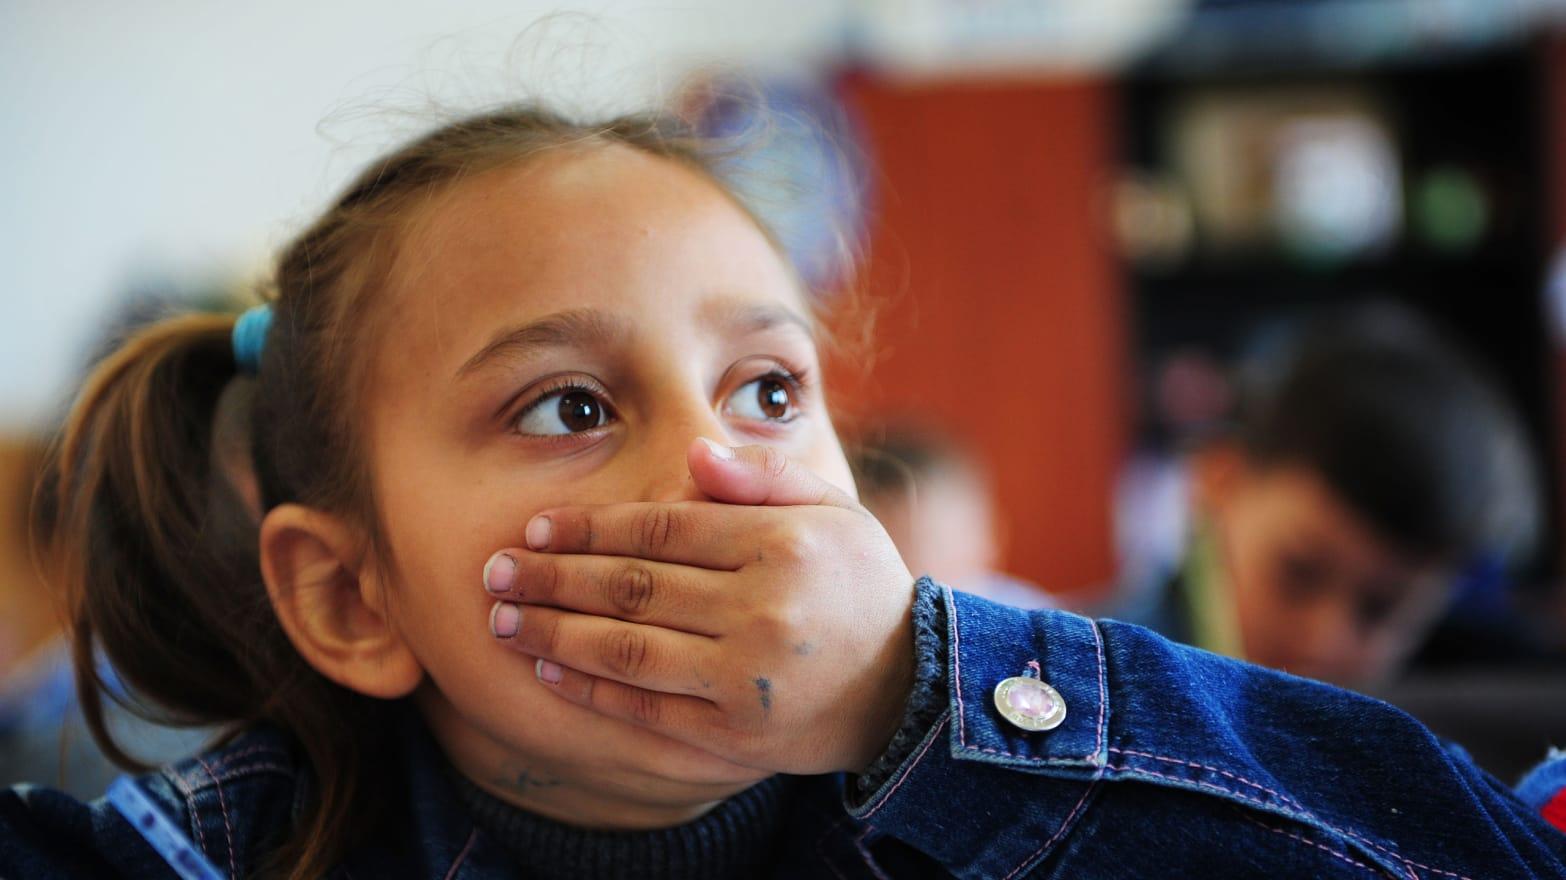 Roma Children Face Segregation In EU Schools